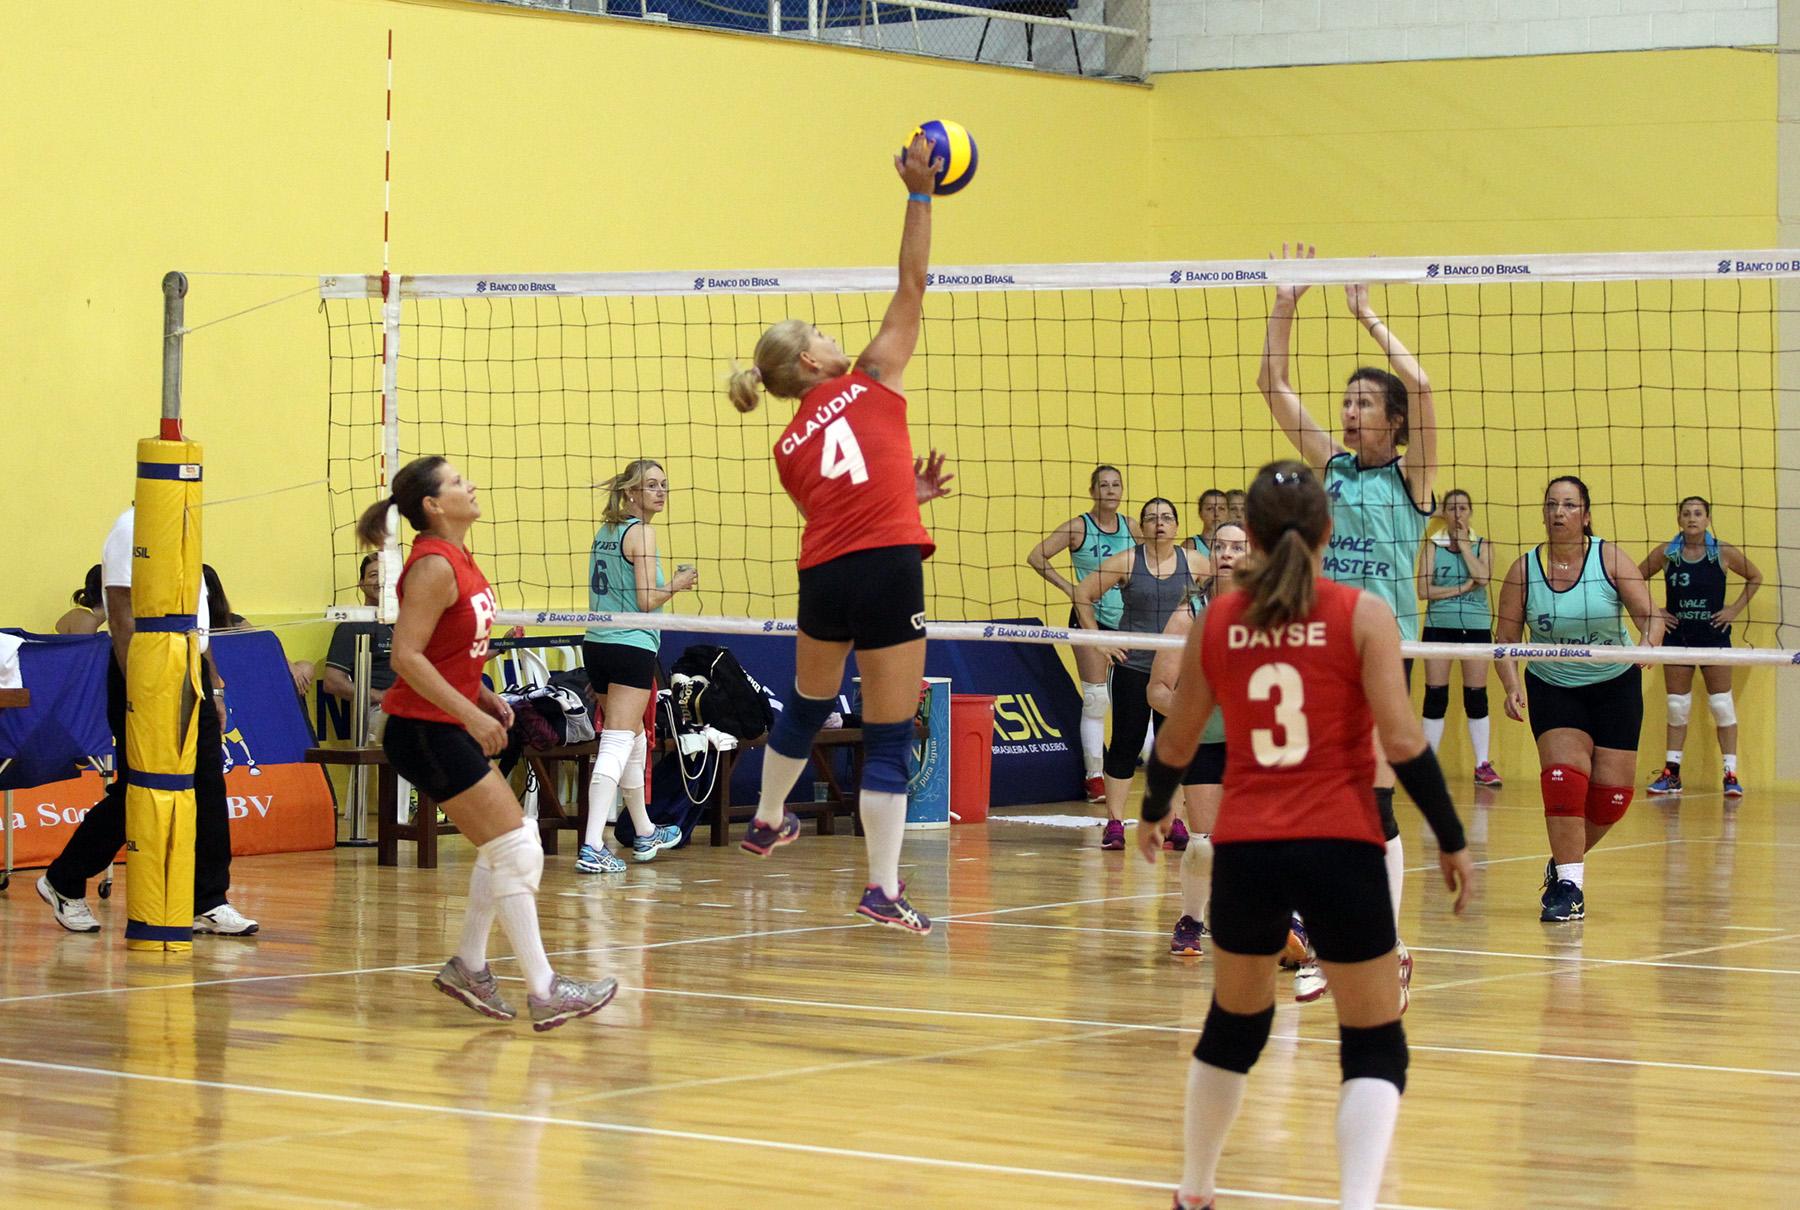 Primeiros jogos da temporada 2017 agitam CDV em Saquarema